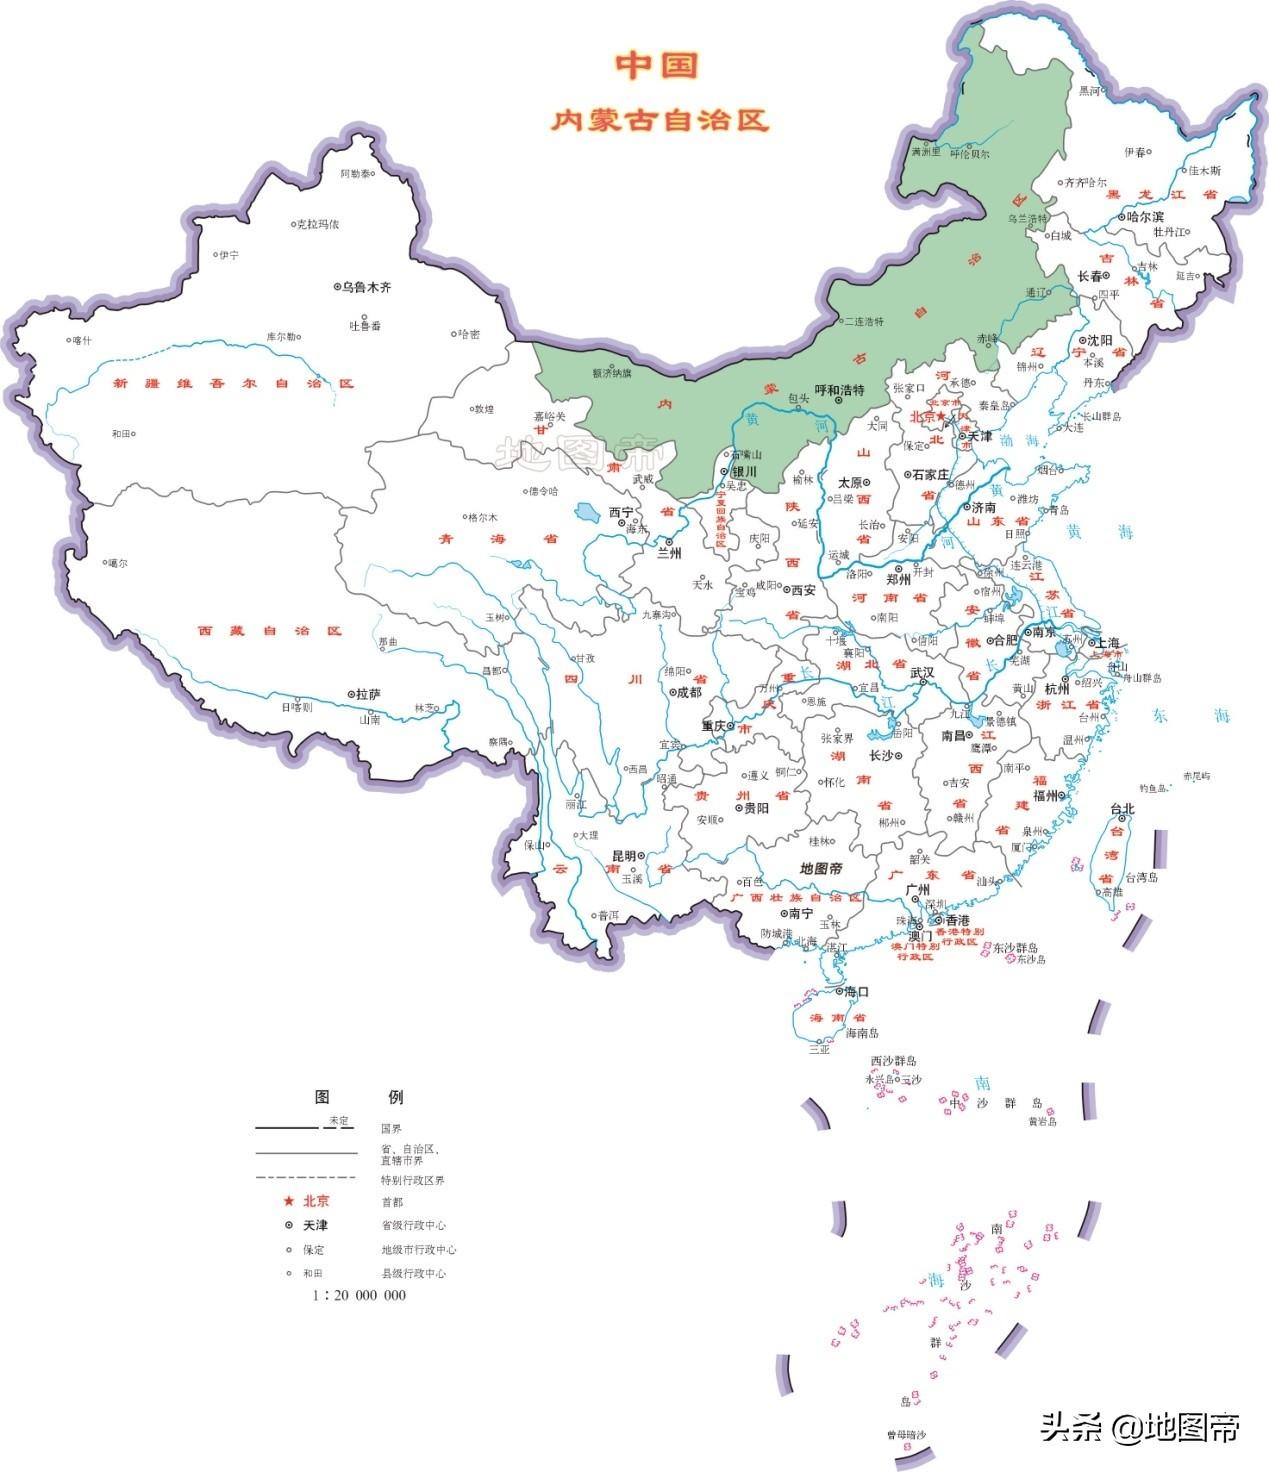 内蒙古首府为什么是呼和浩特?之前曾在河北张家口